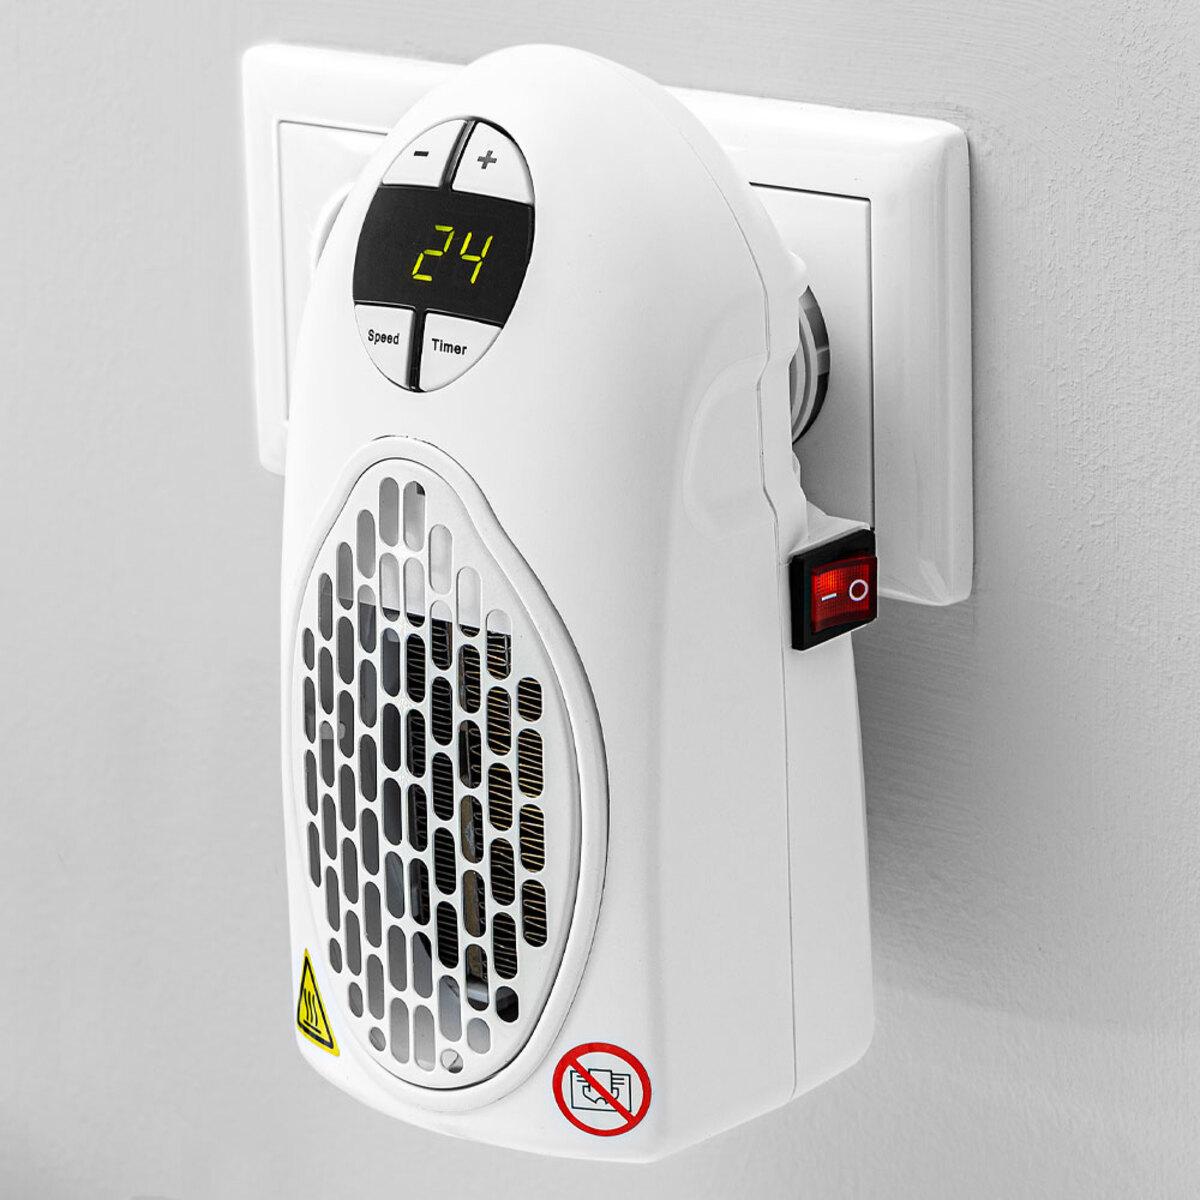 Bild 1 von EASYmaxx Mini-Heizung 500W, weiß mit Fernbedienung